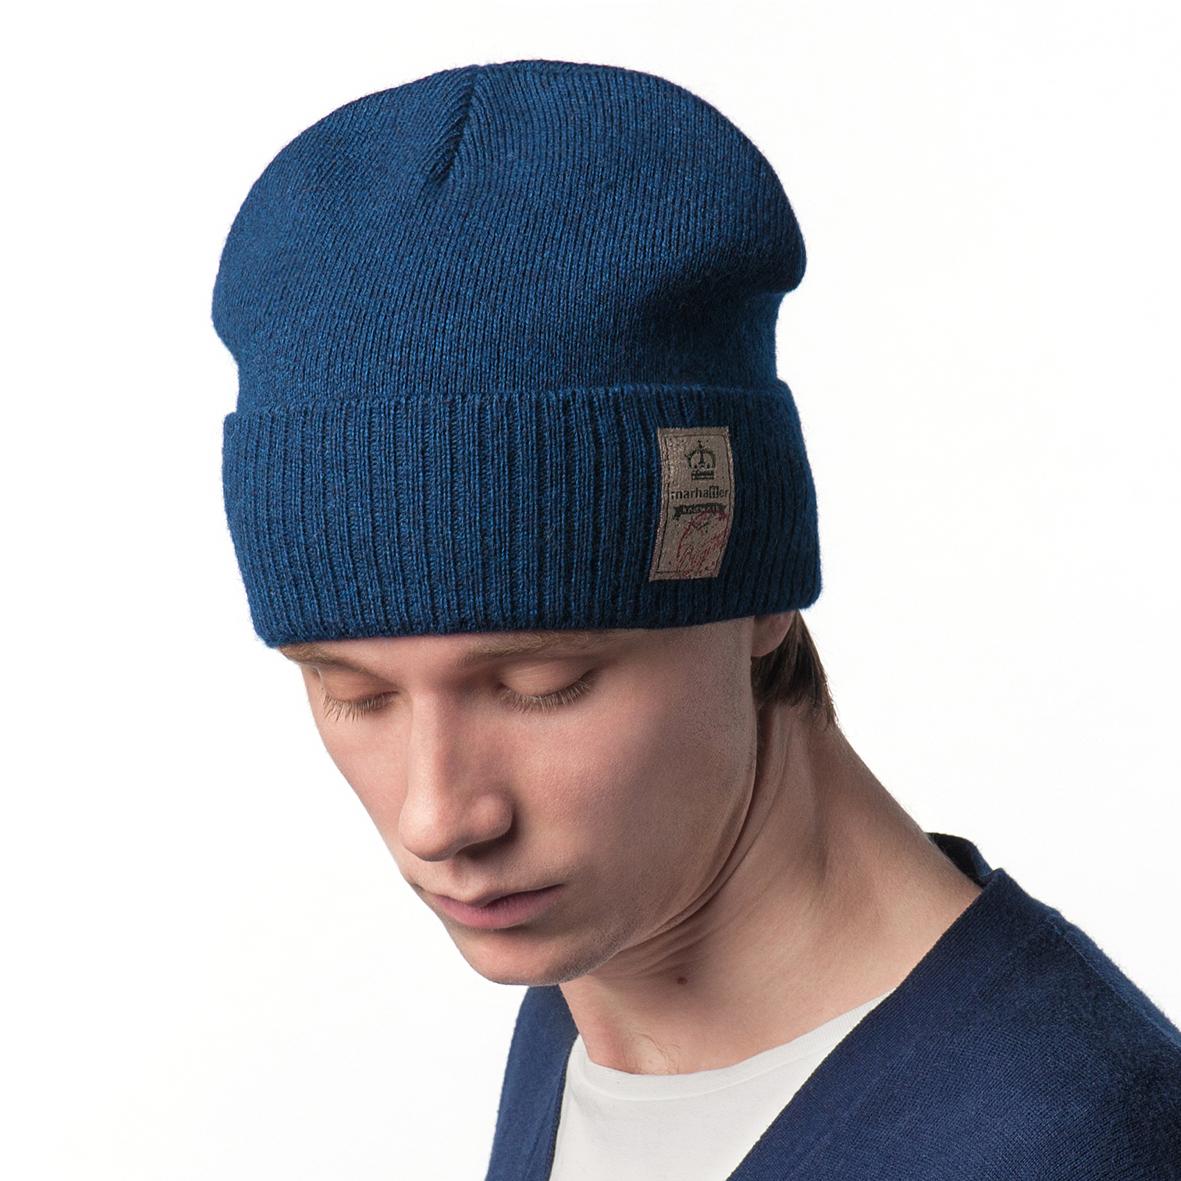 Шапка мужская Marhatter, цвет: темно-синий. Размер 57/59. MYH7746MYH7746Отличная шапка с модным дизайном, выполнена из комфортного материала. Данная модель мягкая и комфортная на ощупь, отличный вариант на каждый день.